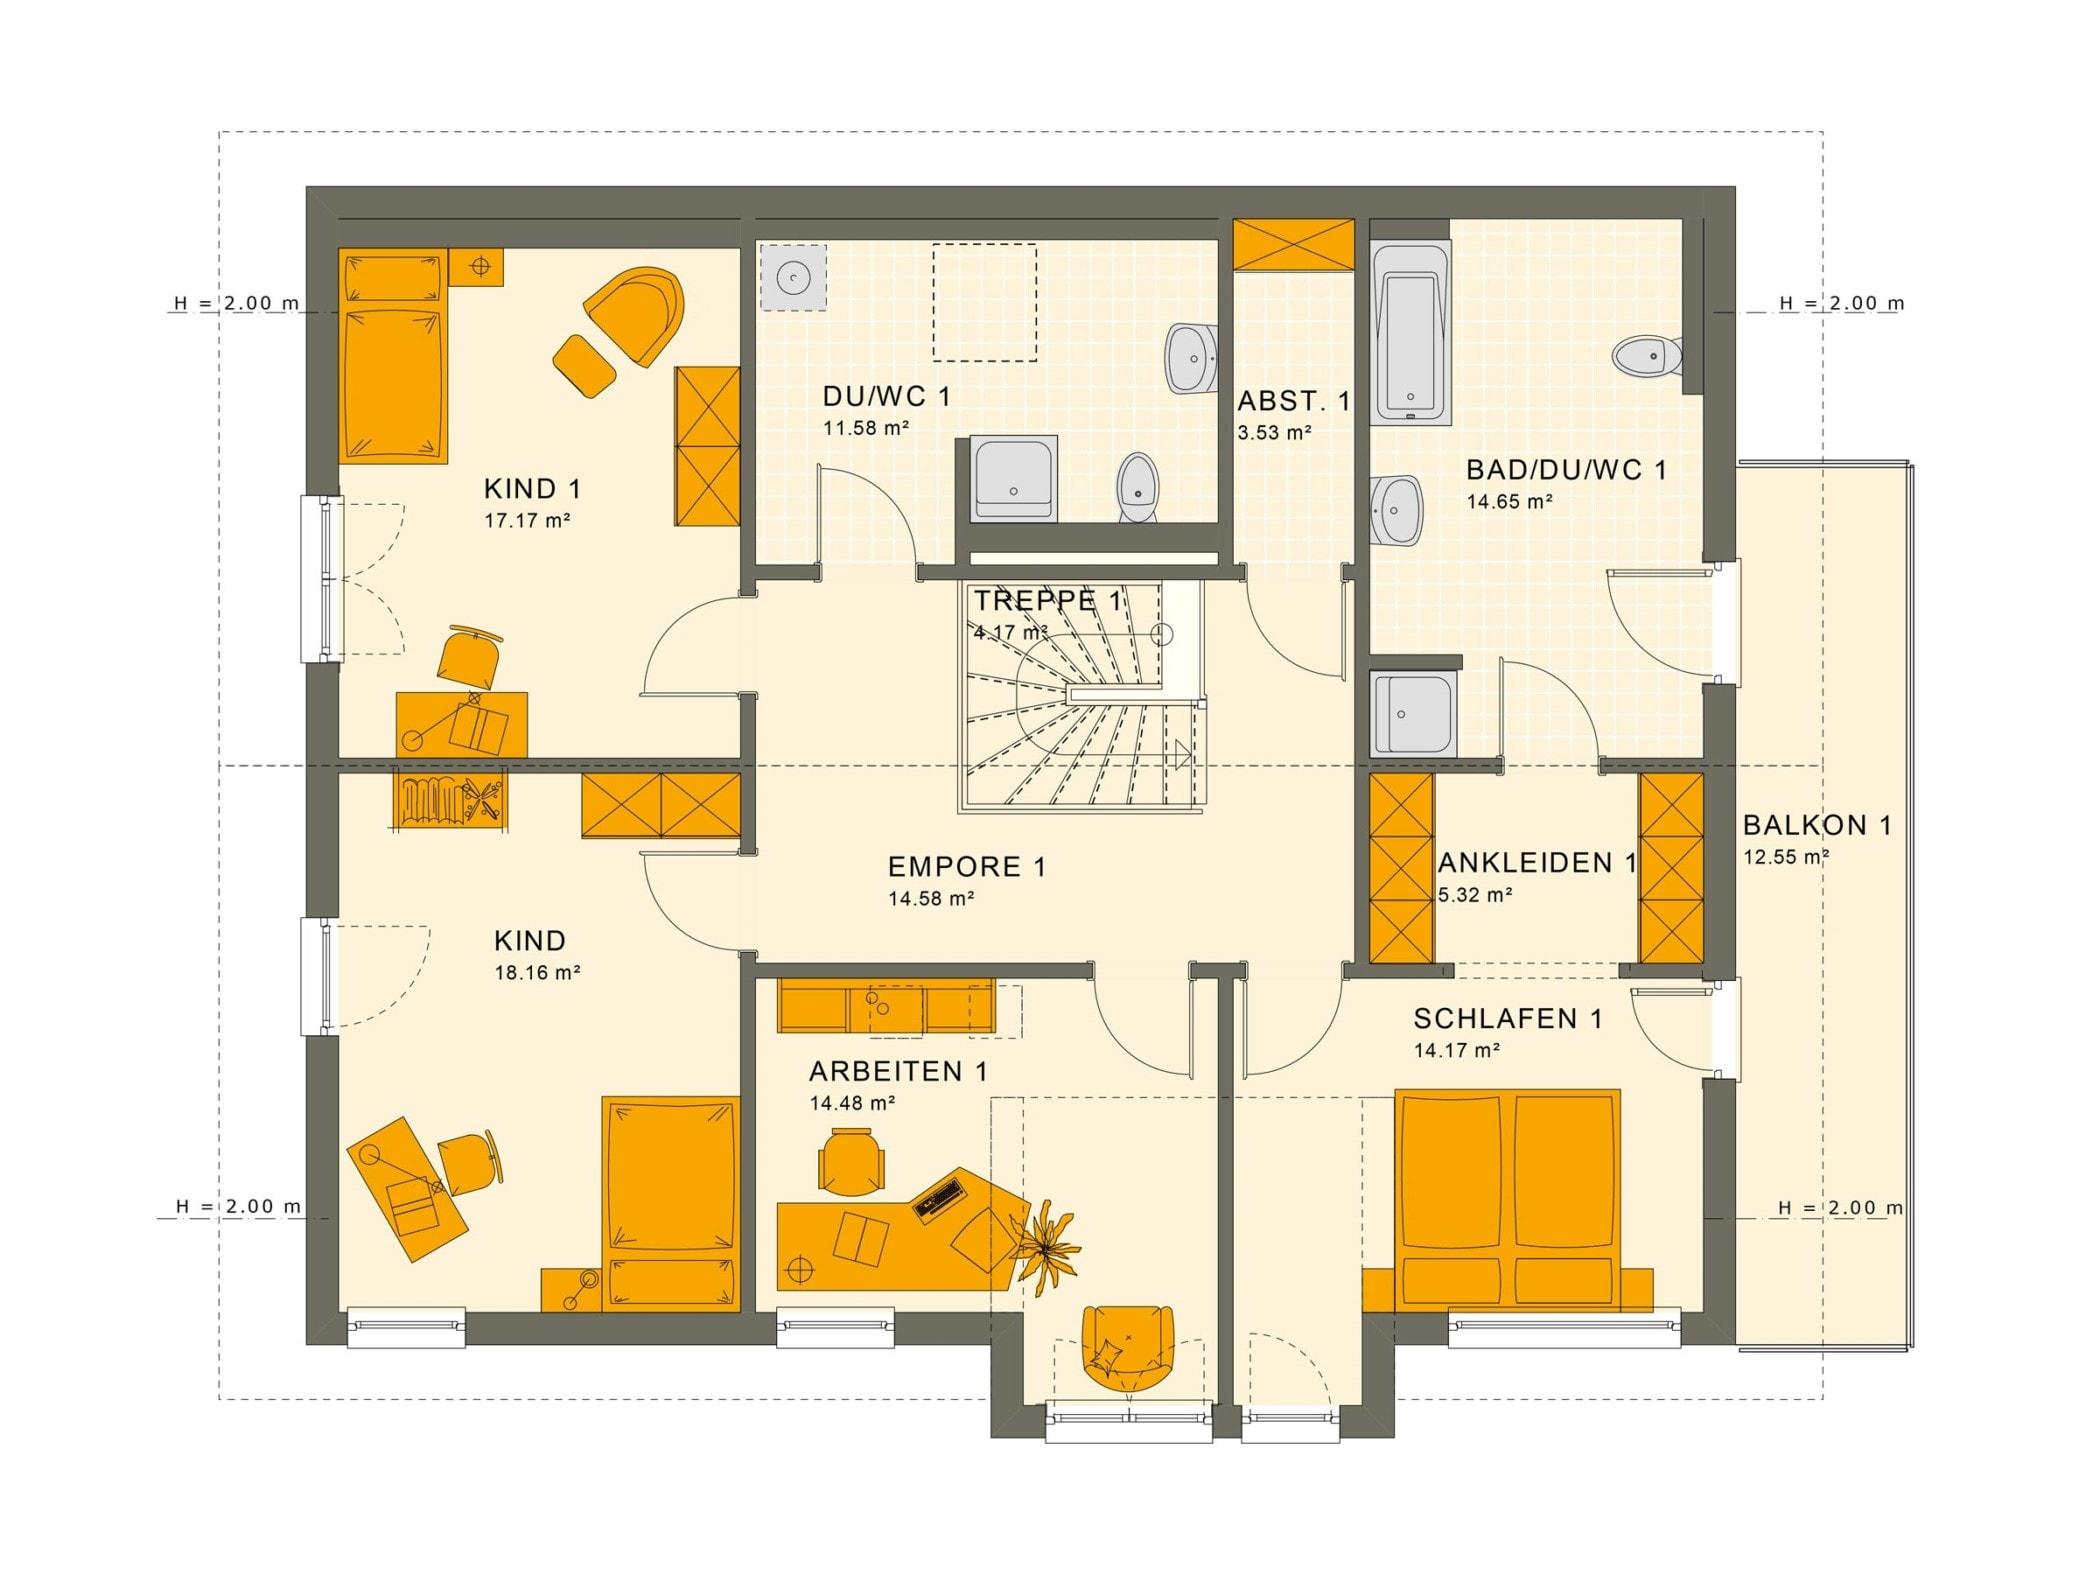 Einfamilienhaus mit Einliegerwohnung Grundriss Dachgeschoss - Haus bauen Ideen Fertighaus SOLUTION 230 V4 von Living Haus - HausbauDirekt.de